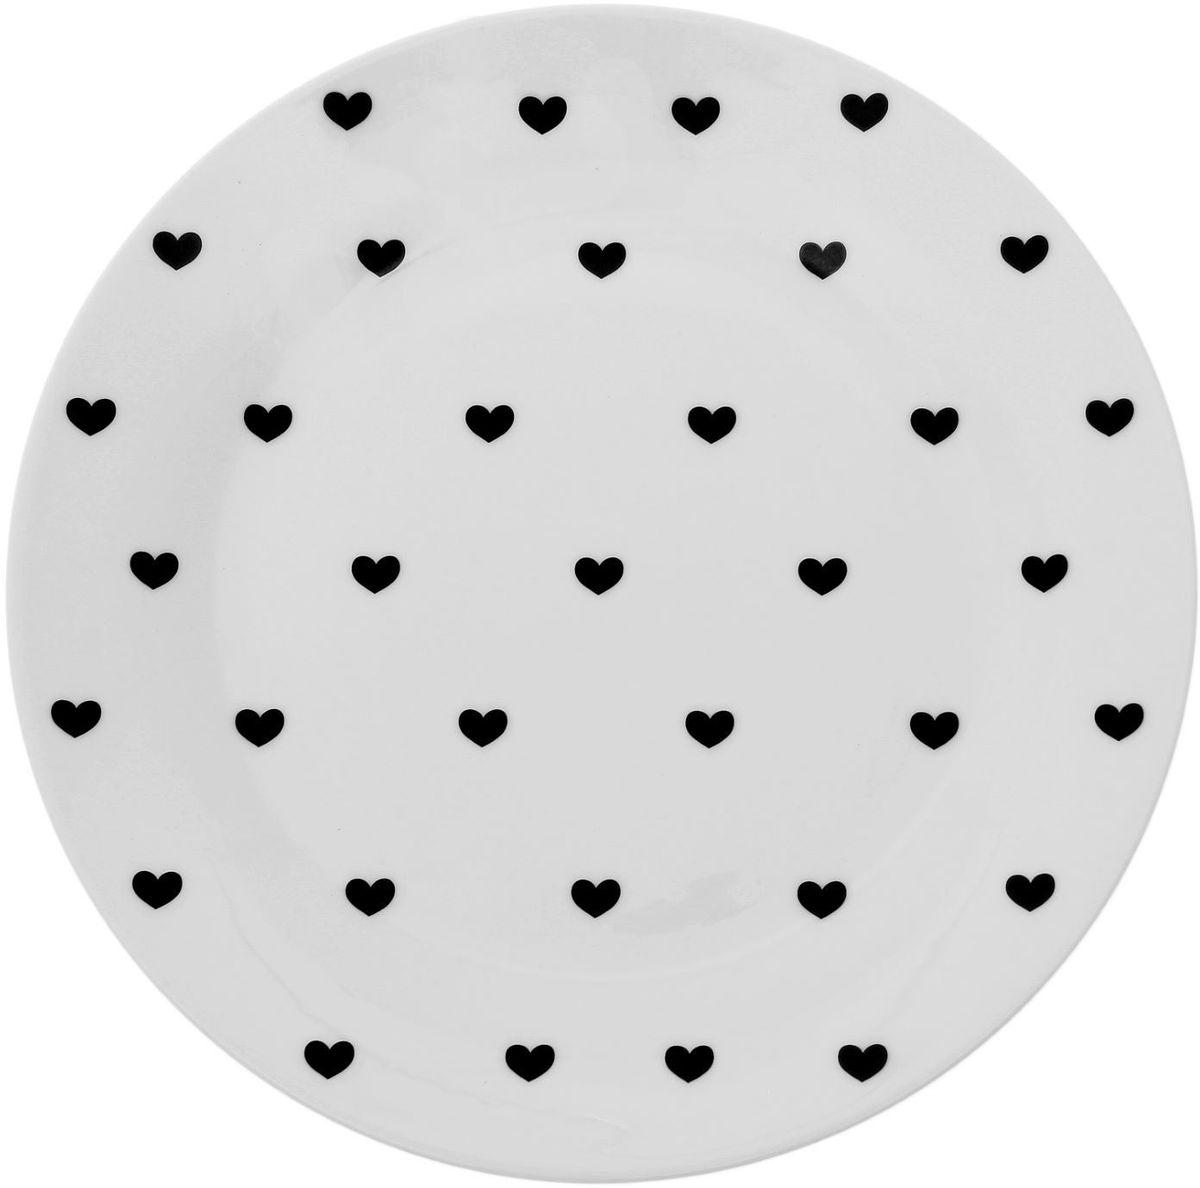 Тарелка мелкая Сотвори чудо Маленькое сердце, диаметр 23 смVT-1520(SR)Хотите обновить интерьер кухни или гостиной? Устраиваете необычную фотосессию или тематический праздник? А может, просто ищете подарок для близкого человека? Посуда Сотвори Чудо — правильный выбор в любой ситуации. Тарелка Сотвори Чудо, изготовленная из изящного фаянса нежного сливочного цвета, оформлена оригинальным рисунком со стойкой краской. Пригодна для посудомоечной машины.